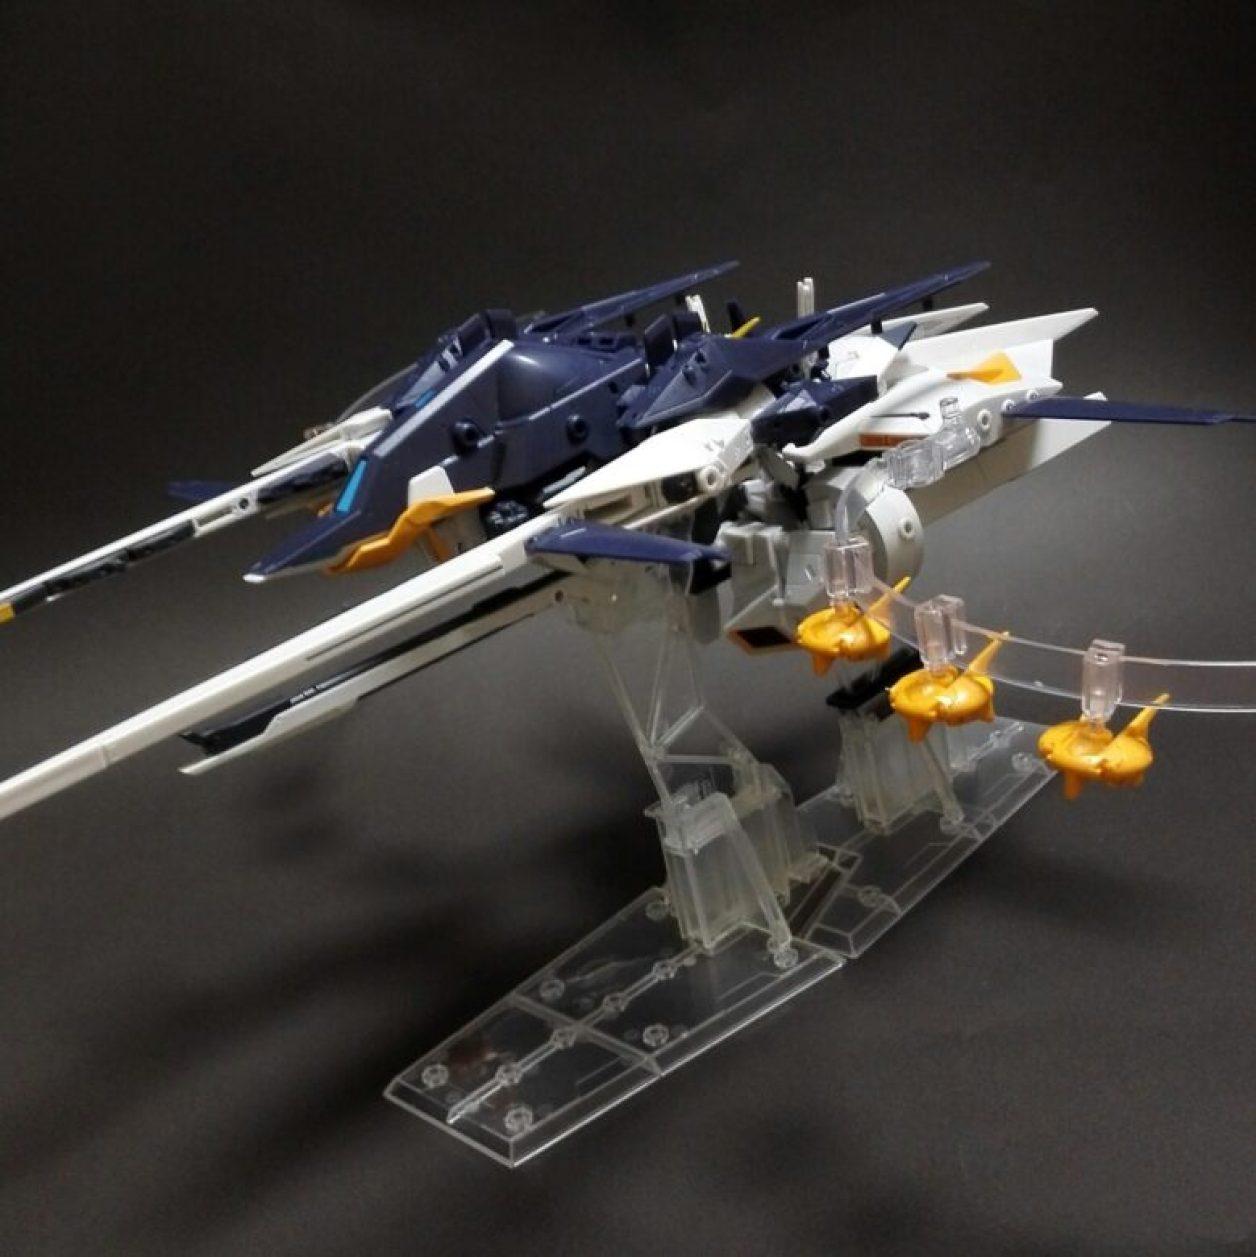 MOBILE SUIT ENSEMBLE EX09弾のインレ(巡航形態)とコトブキヤのM.S.GプレイングベースAを使ったキハールIIのフライト画像